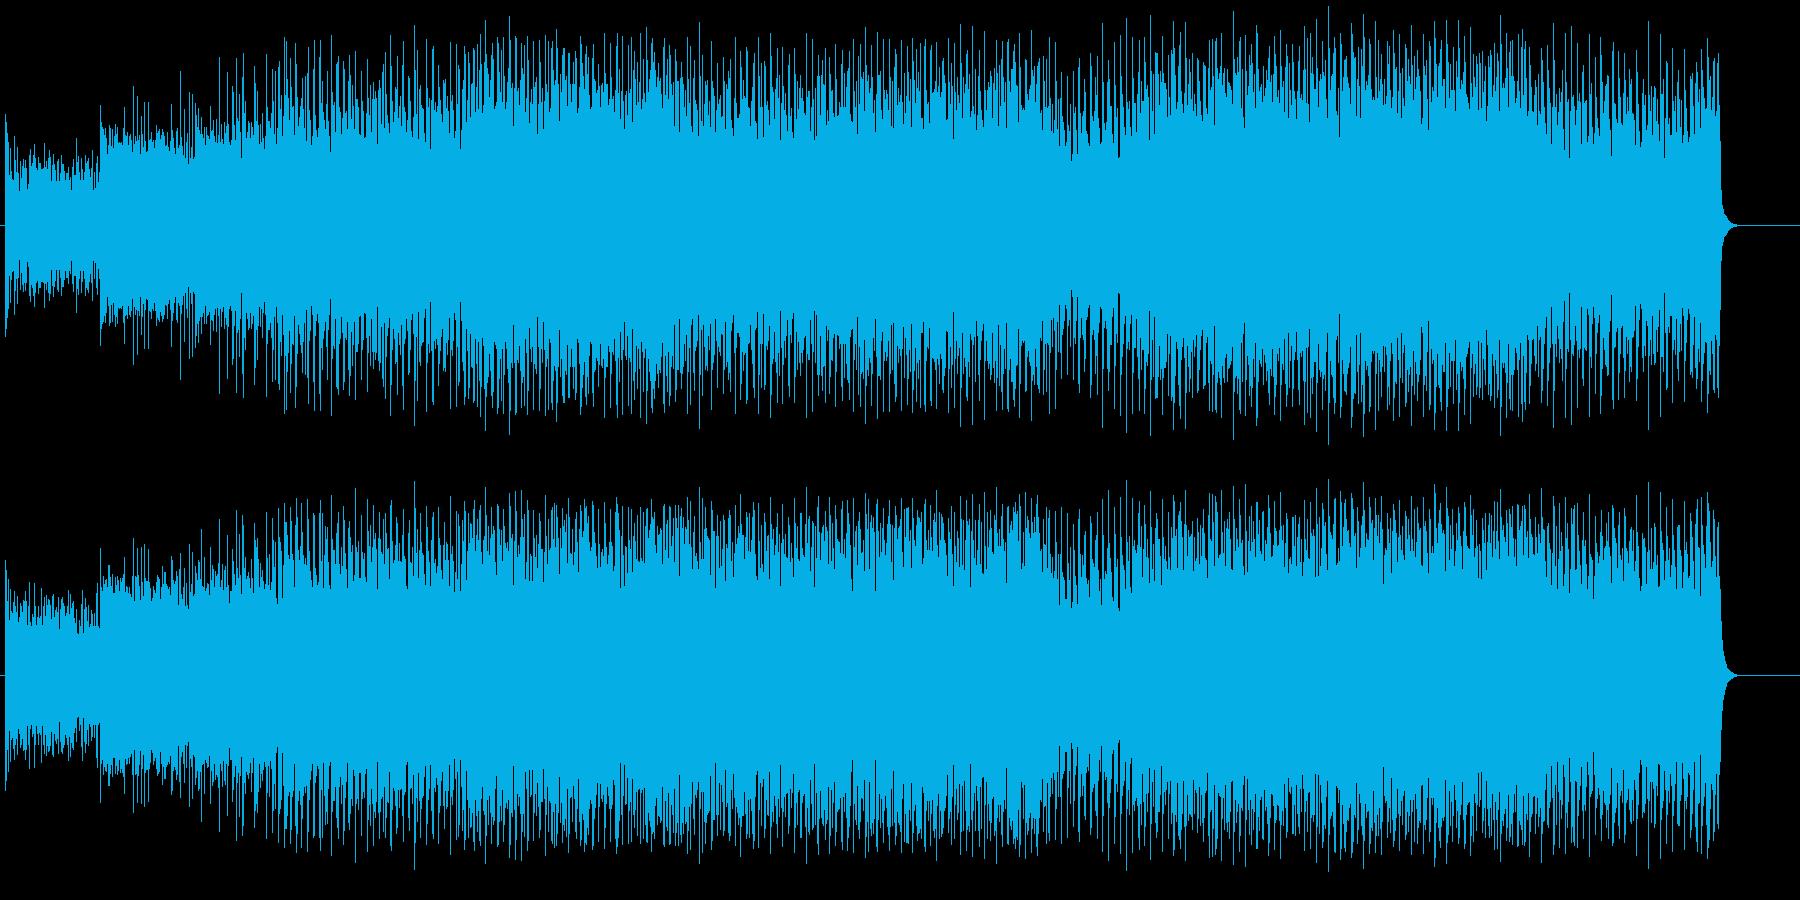 テイクオフしてゆくスリリングなサウンドの再生済みの波形